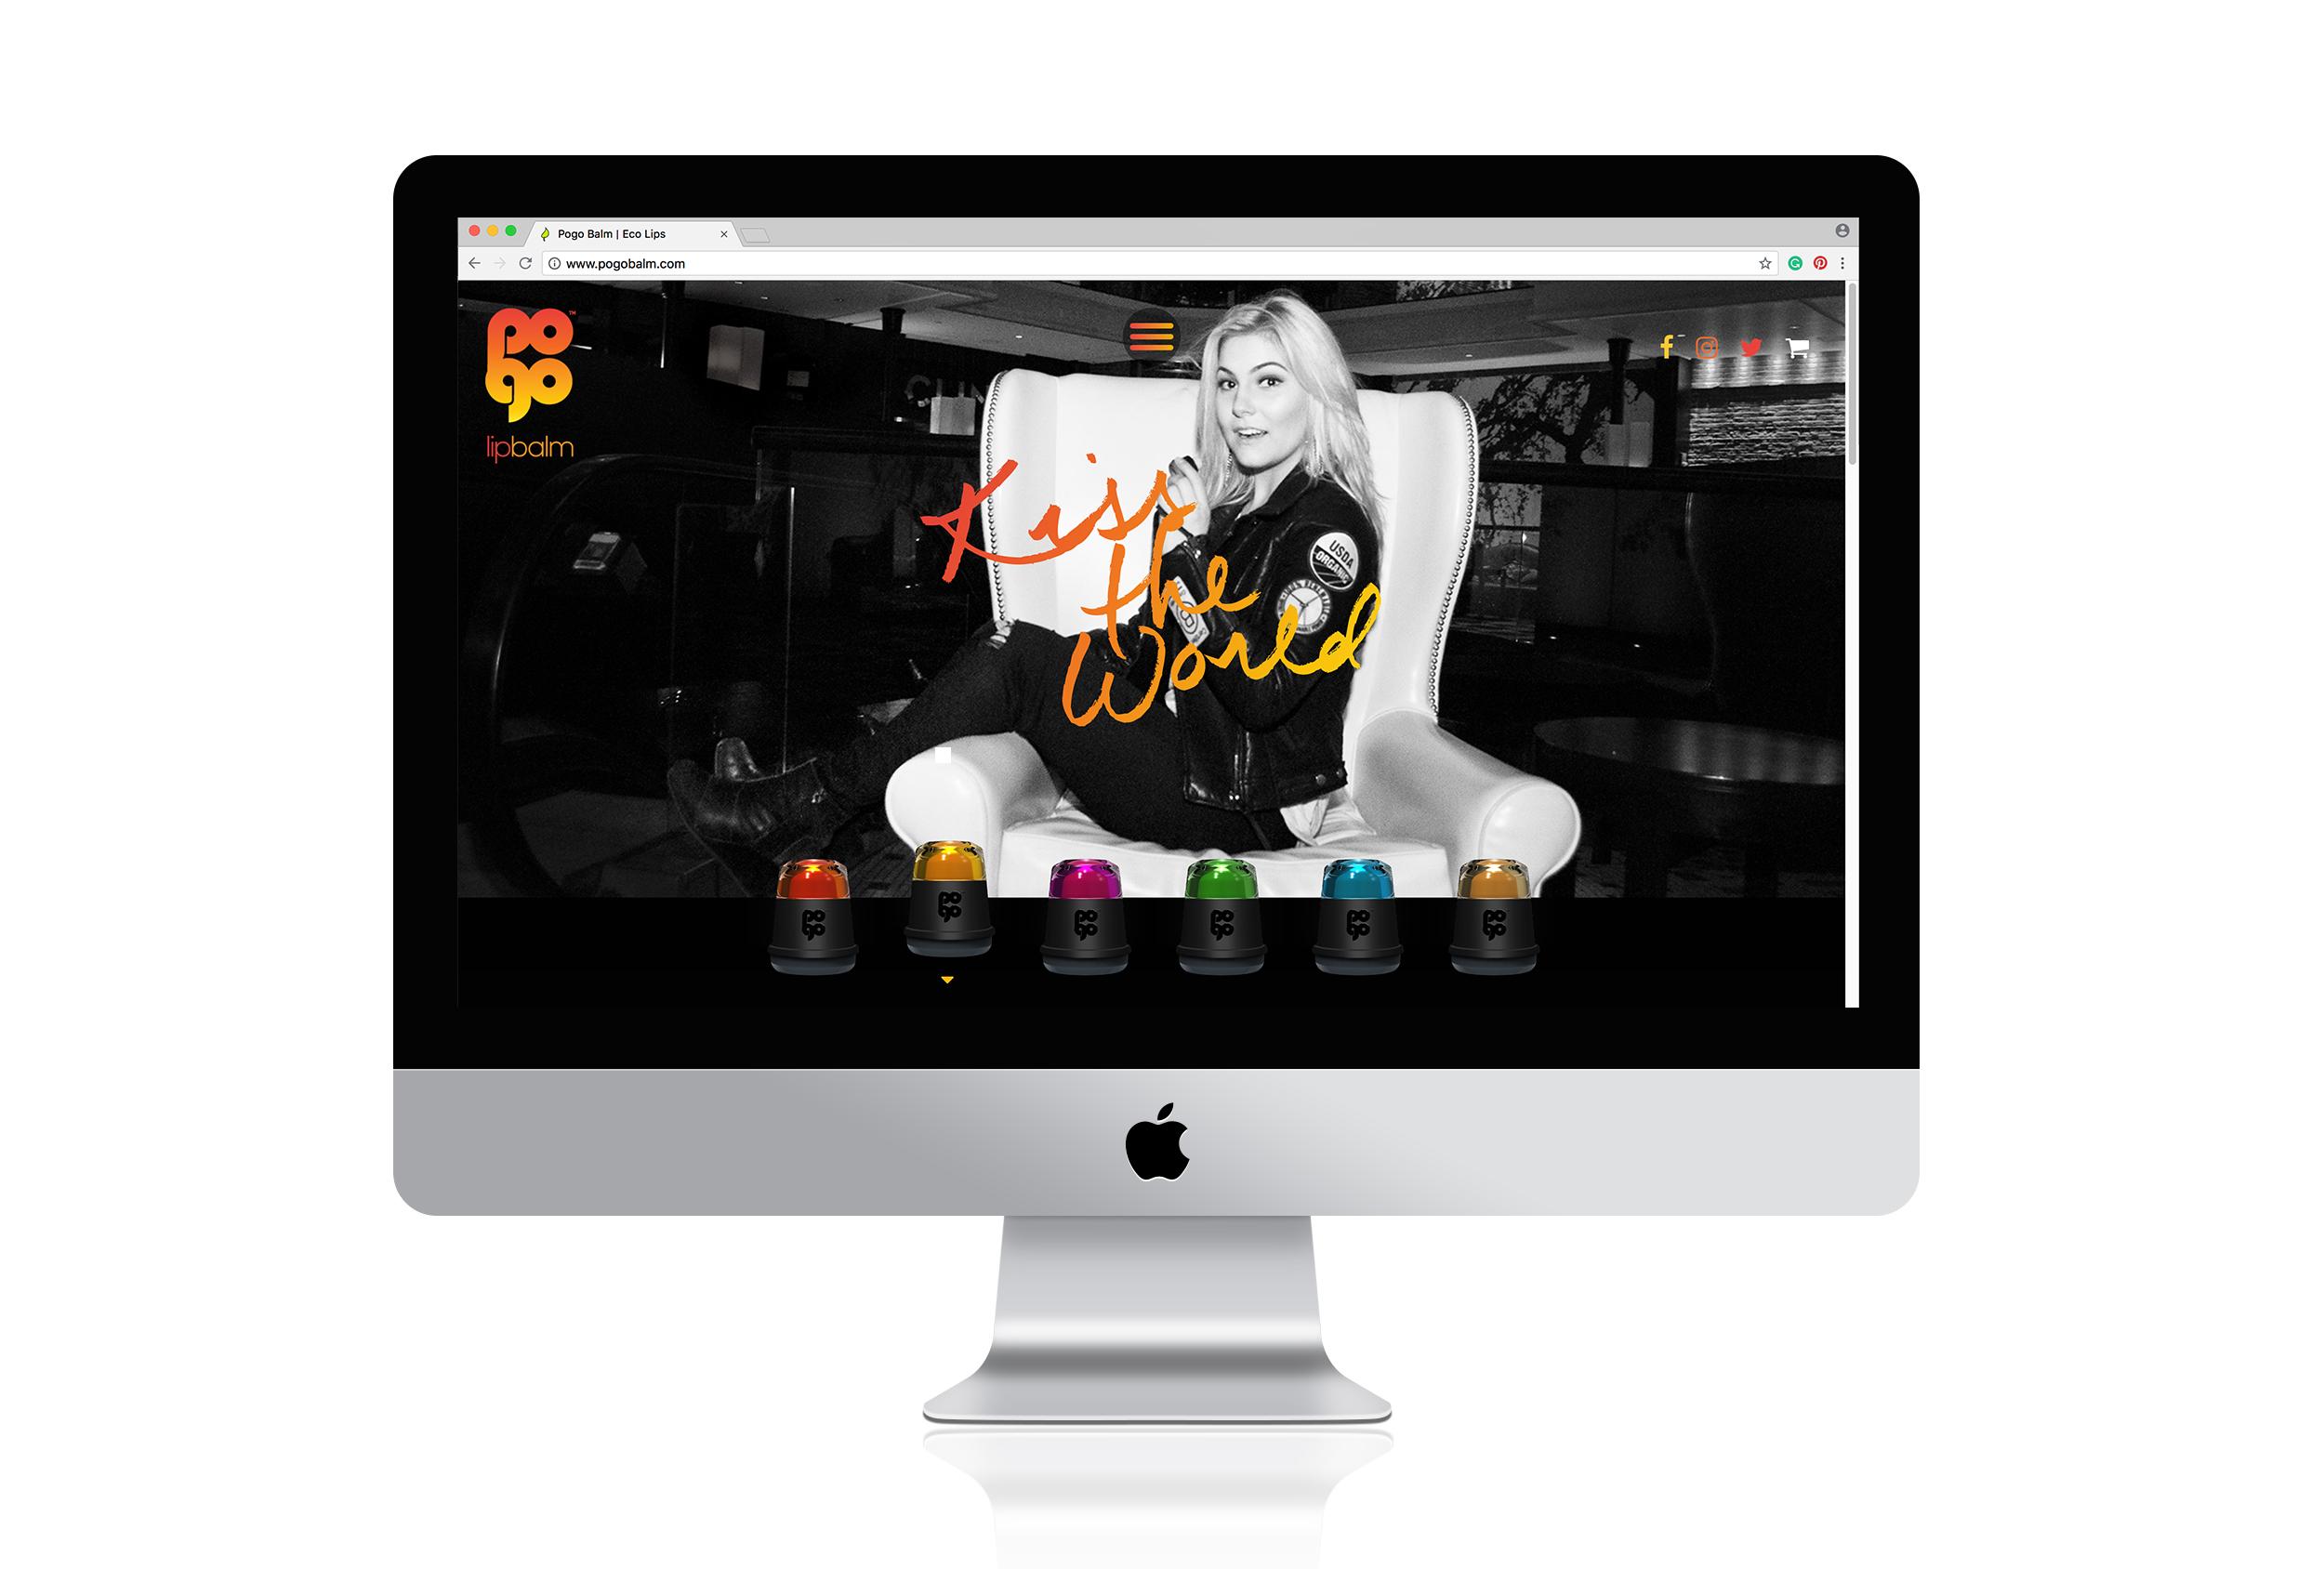 iMac-psd-mockup-template-1_POGO.jpg